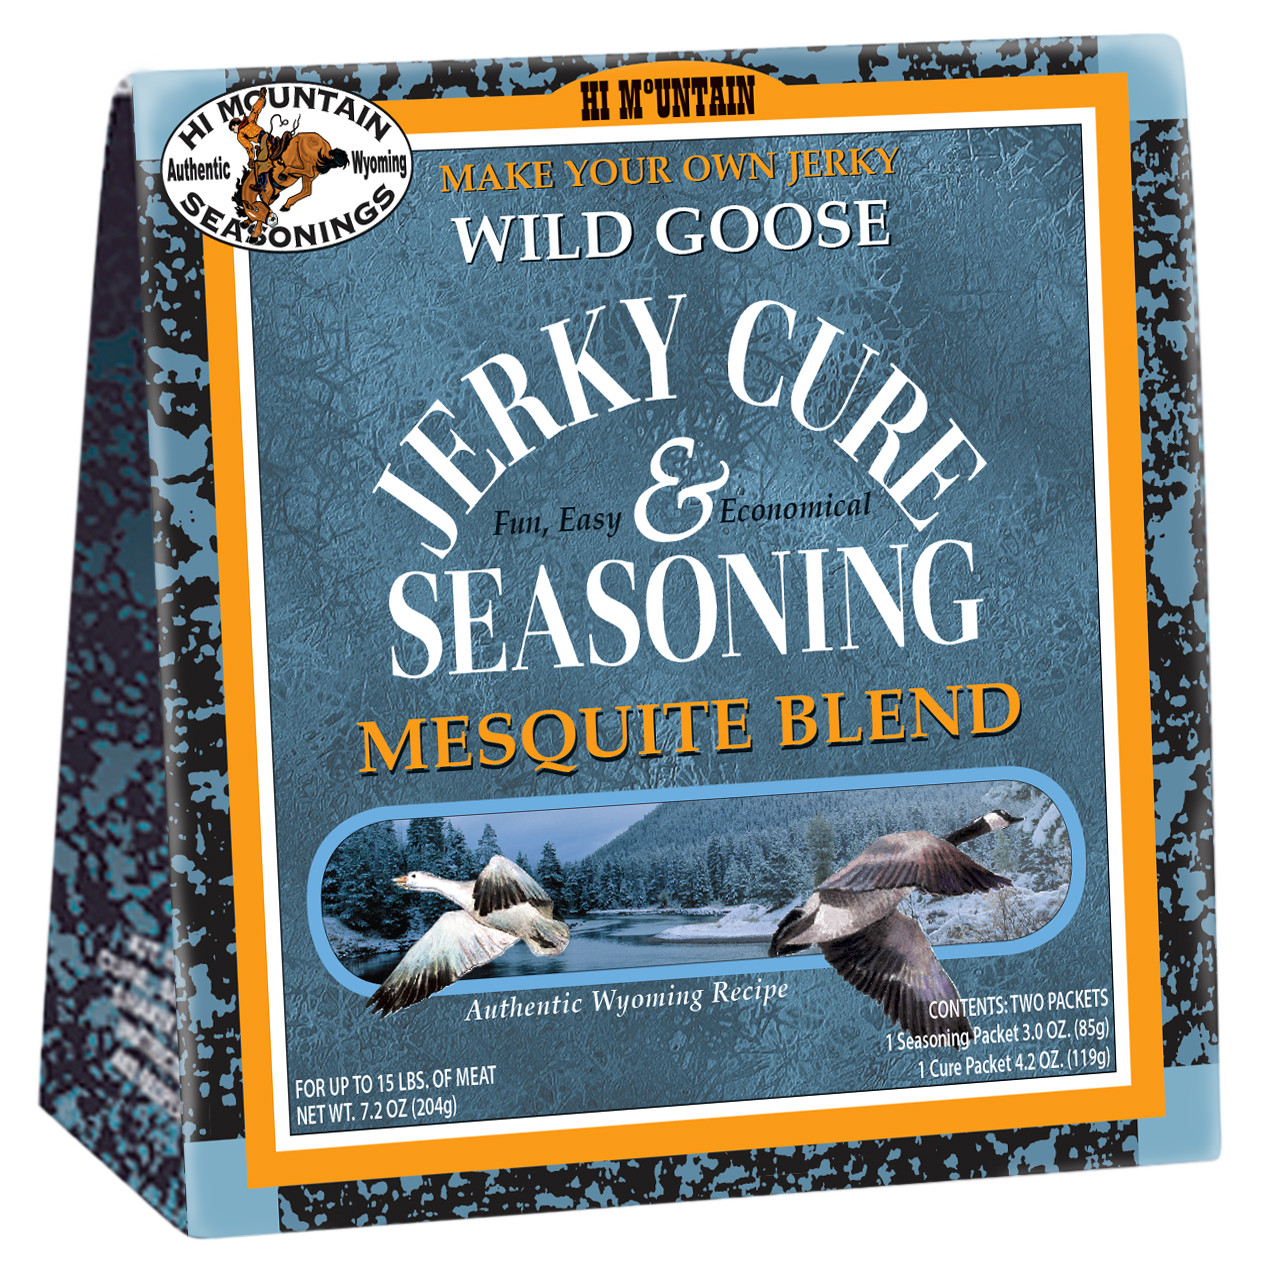 Wild Goose Mesquite Blend Jerky Kit